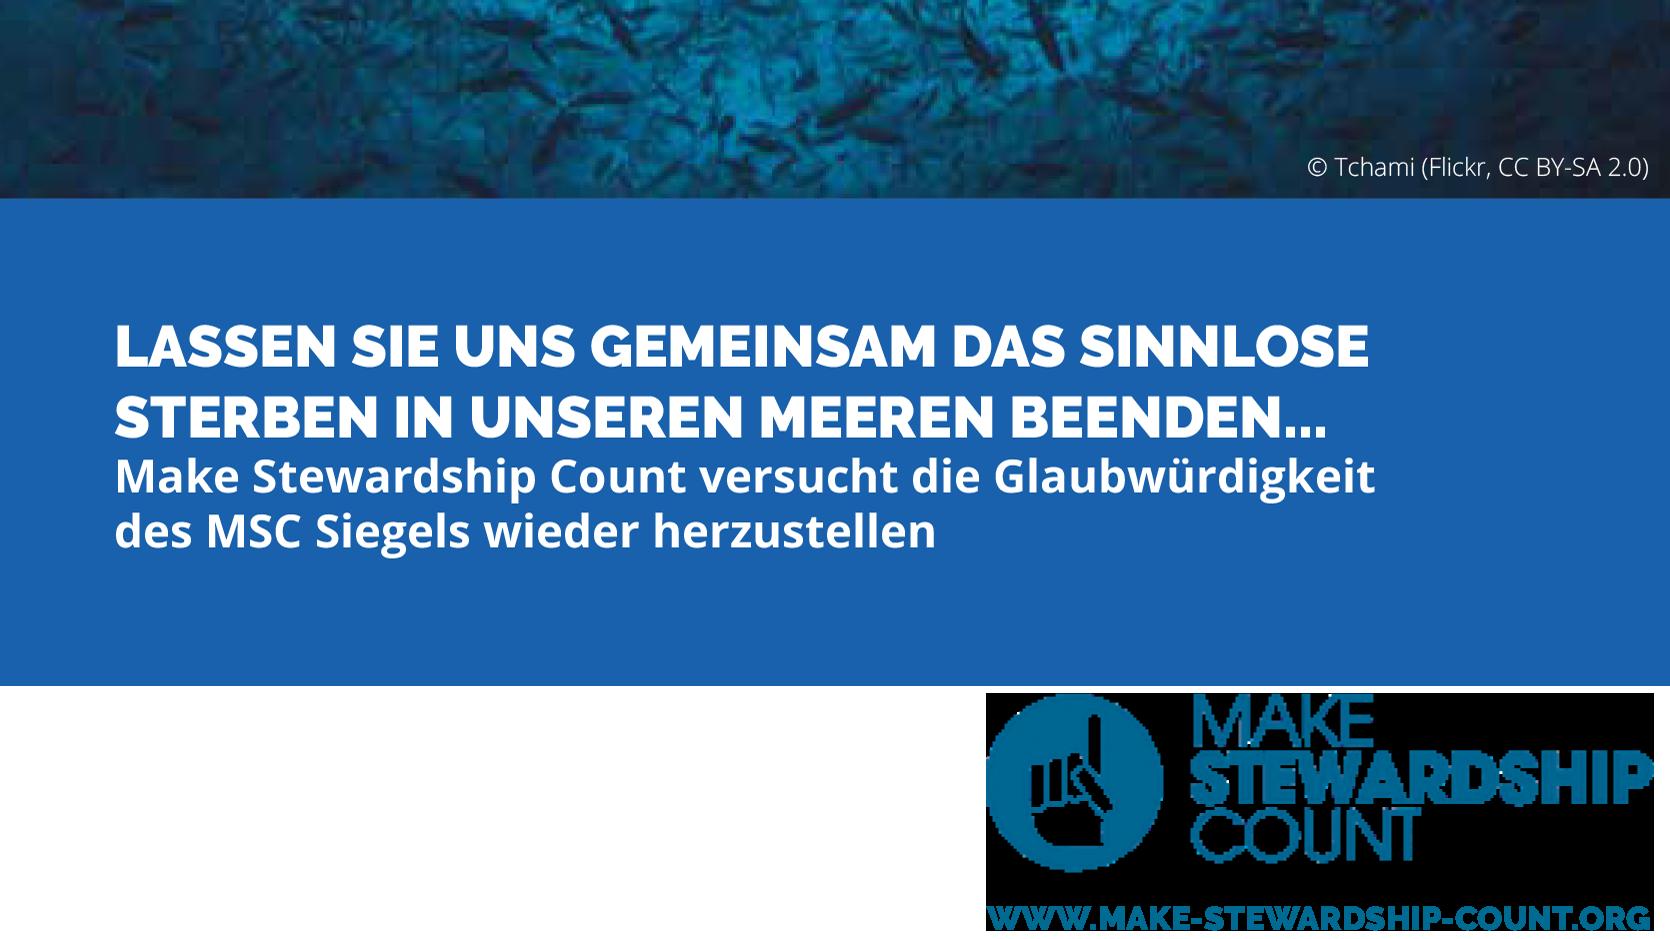 Make Stewardship Count versucht die Glaubwürdigkeit des MSC Siegels wieder herzustellen.